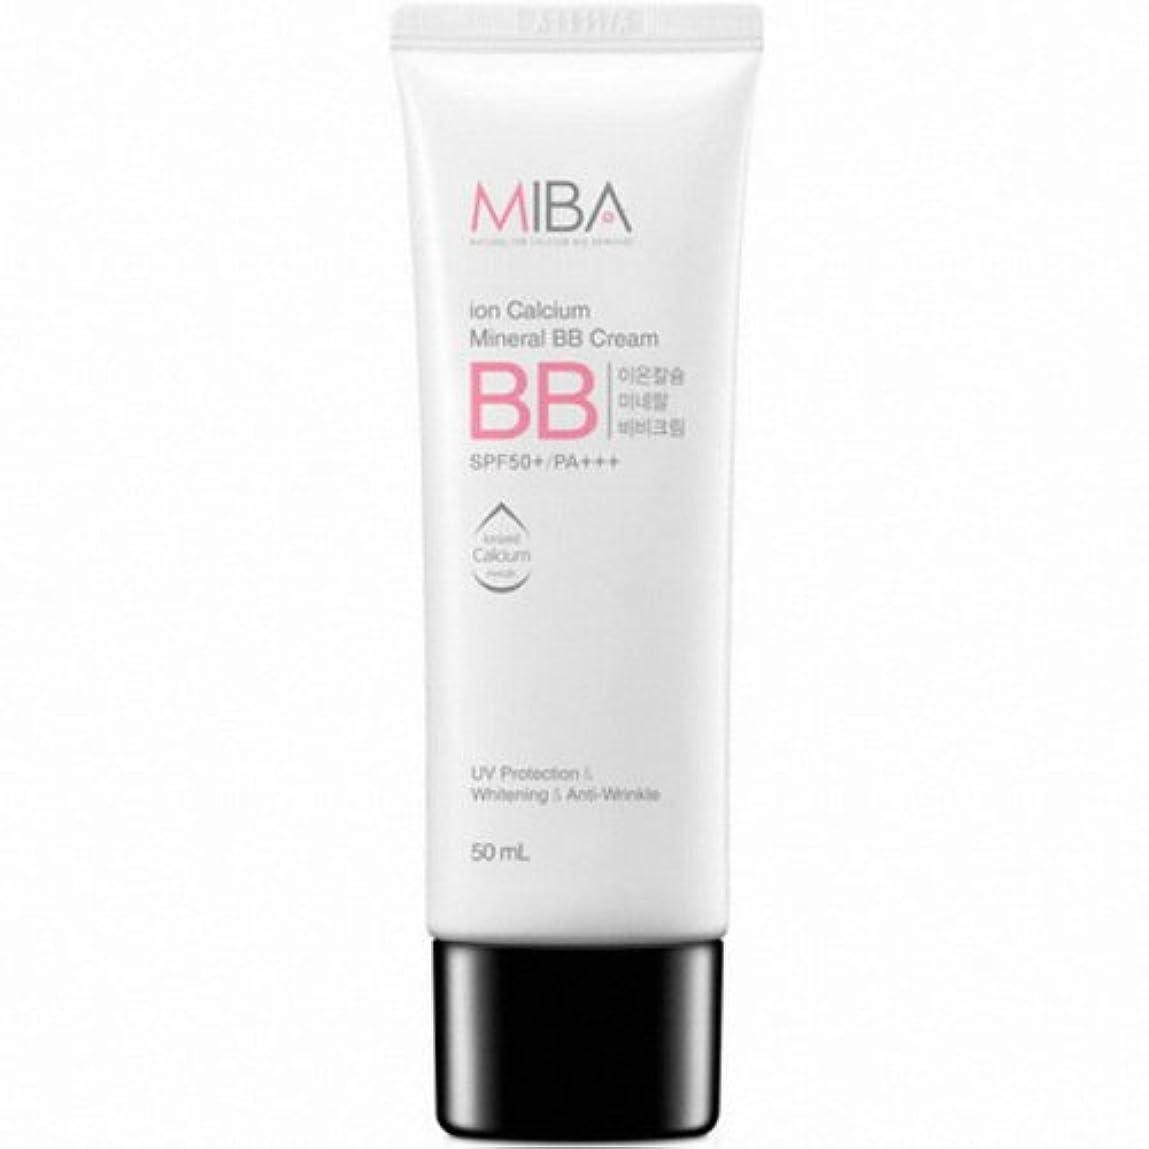 圧倒的倍増なすMINERALBIO (ミネラルバイオ) ミバ イオン カルシウム ミネラル ビビクリーム / MIBA Ion Calcium Mineral BB Cream (50ml) [並行輸入品]